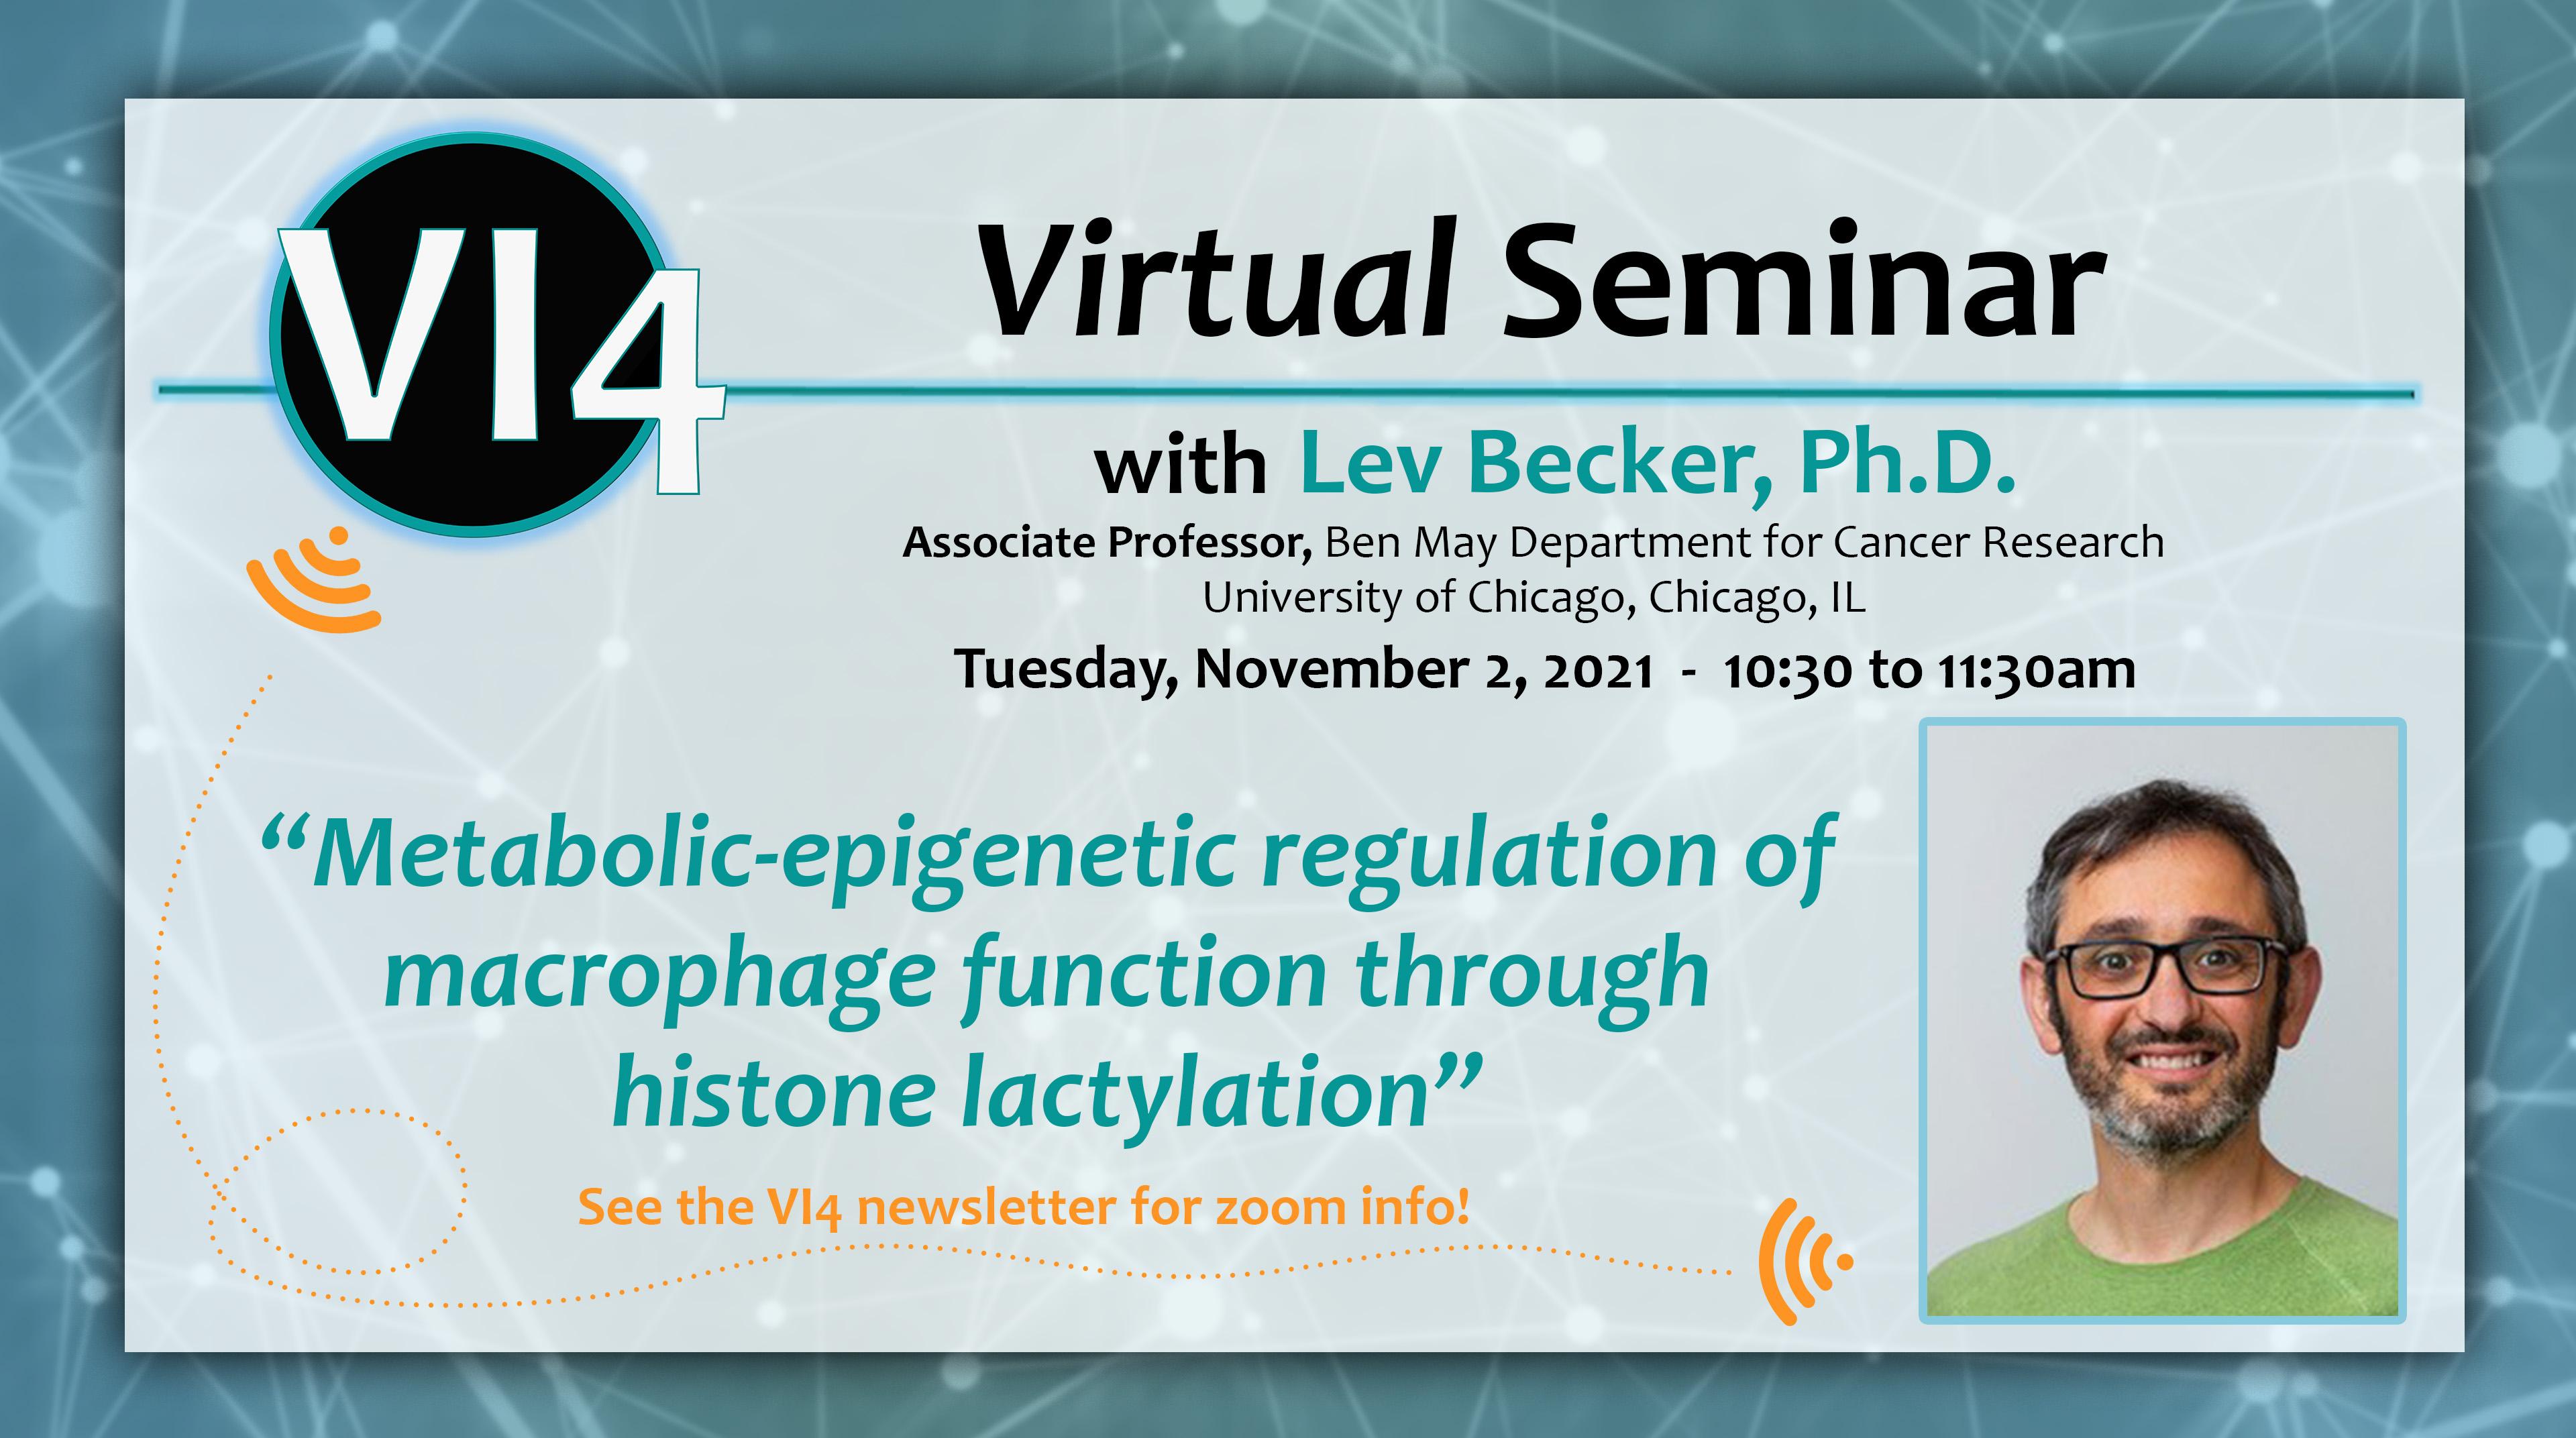 VI4 Seminar